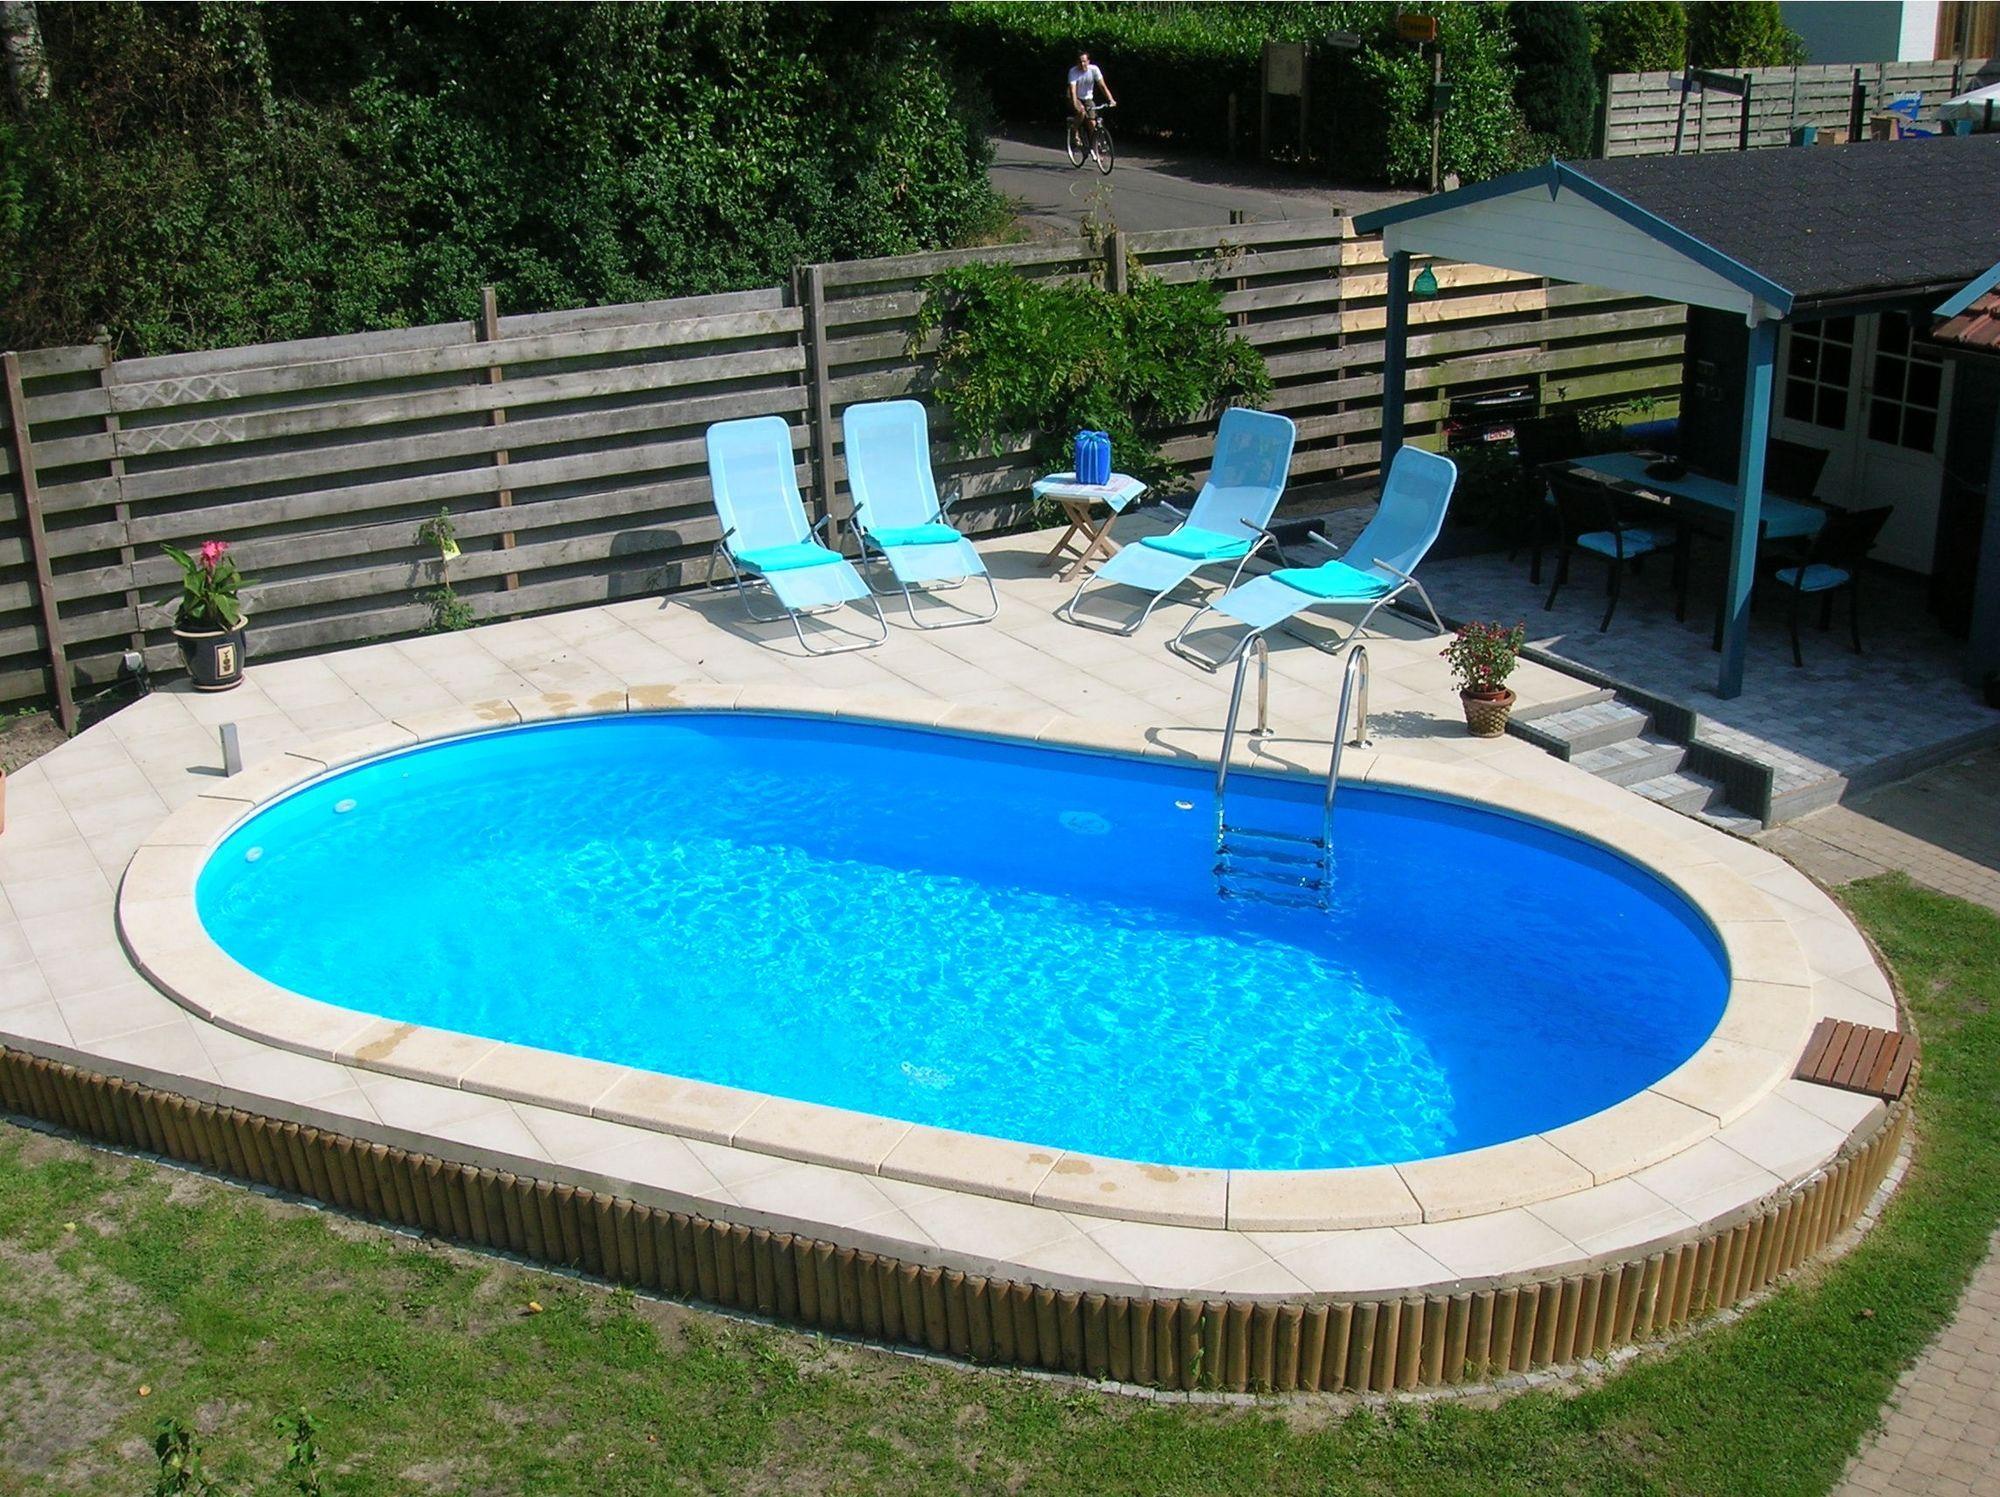 Afbeelding van Happy Pool Ovaal Metalen Zwembad 586 x 350 cm (hoogte 120cm)